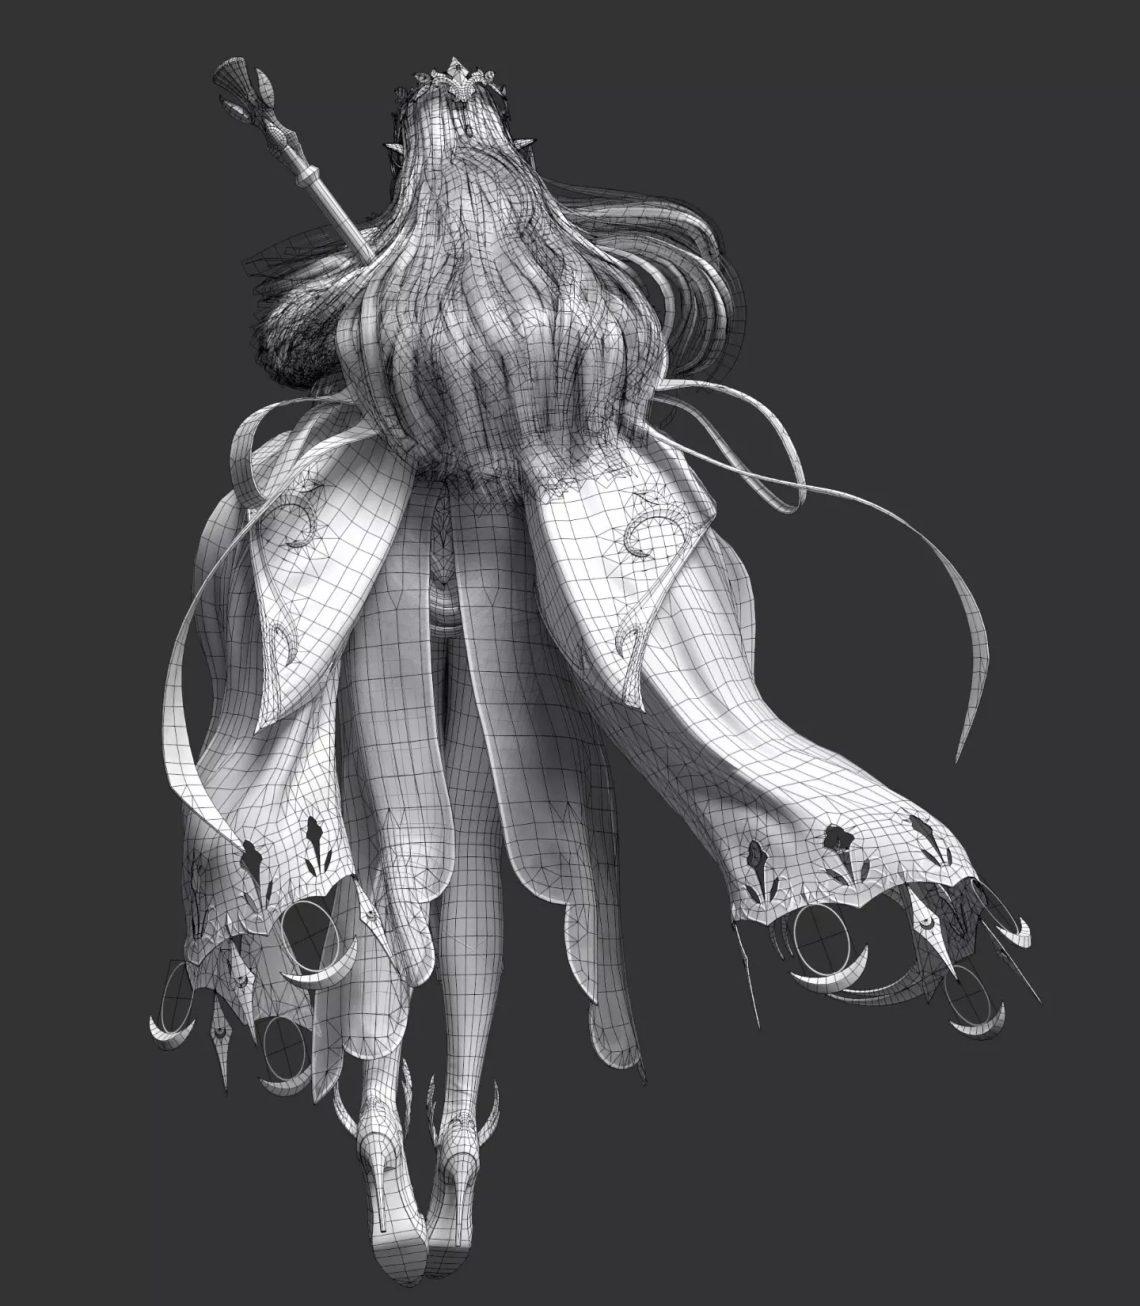 韩国3D设计师jaesoub lee作品欣赏